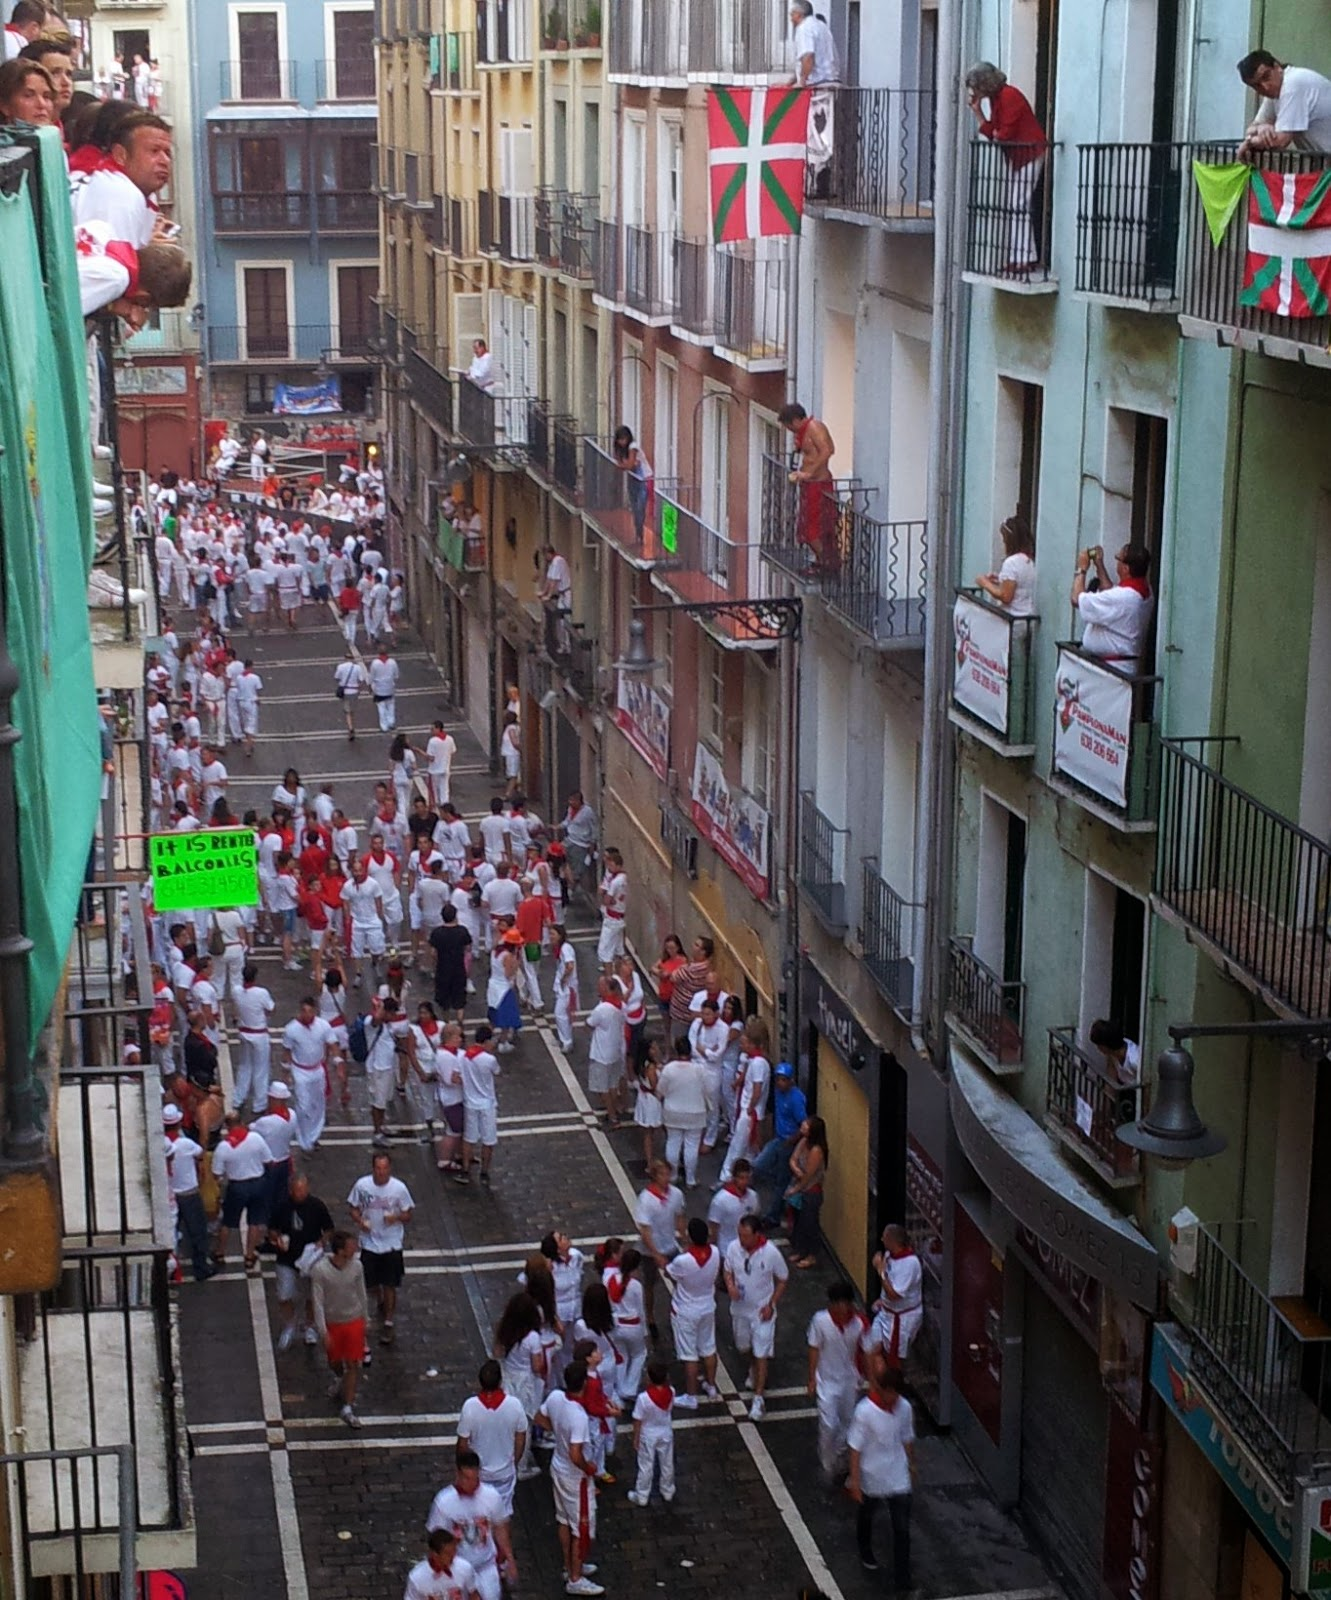 Pamplona San Fermin Fiesta Private Tour Guide